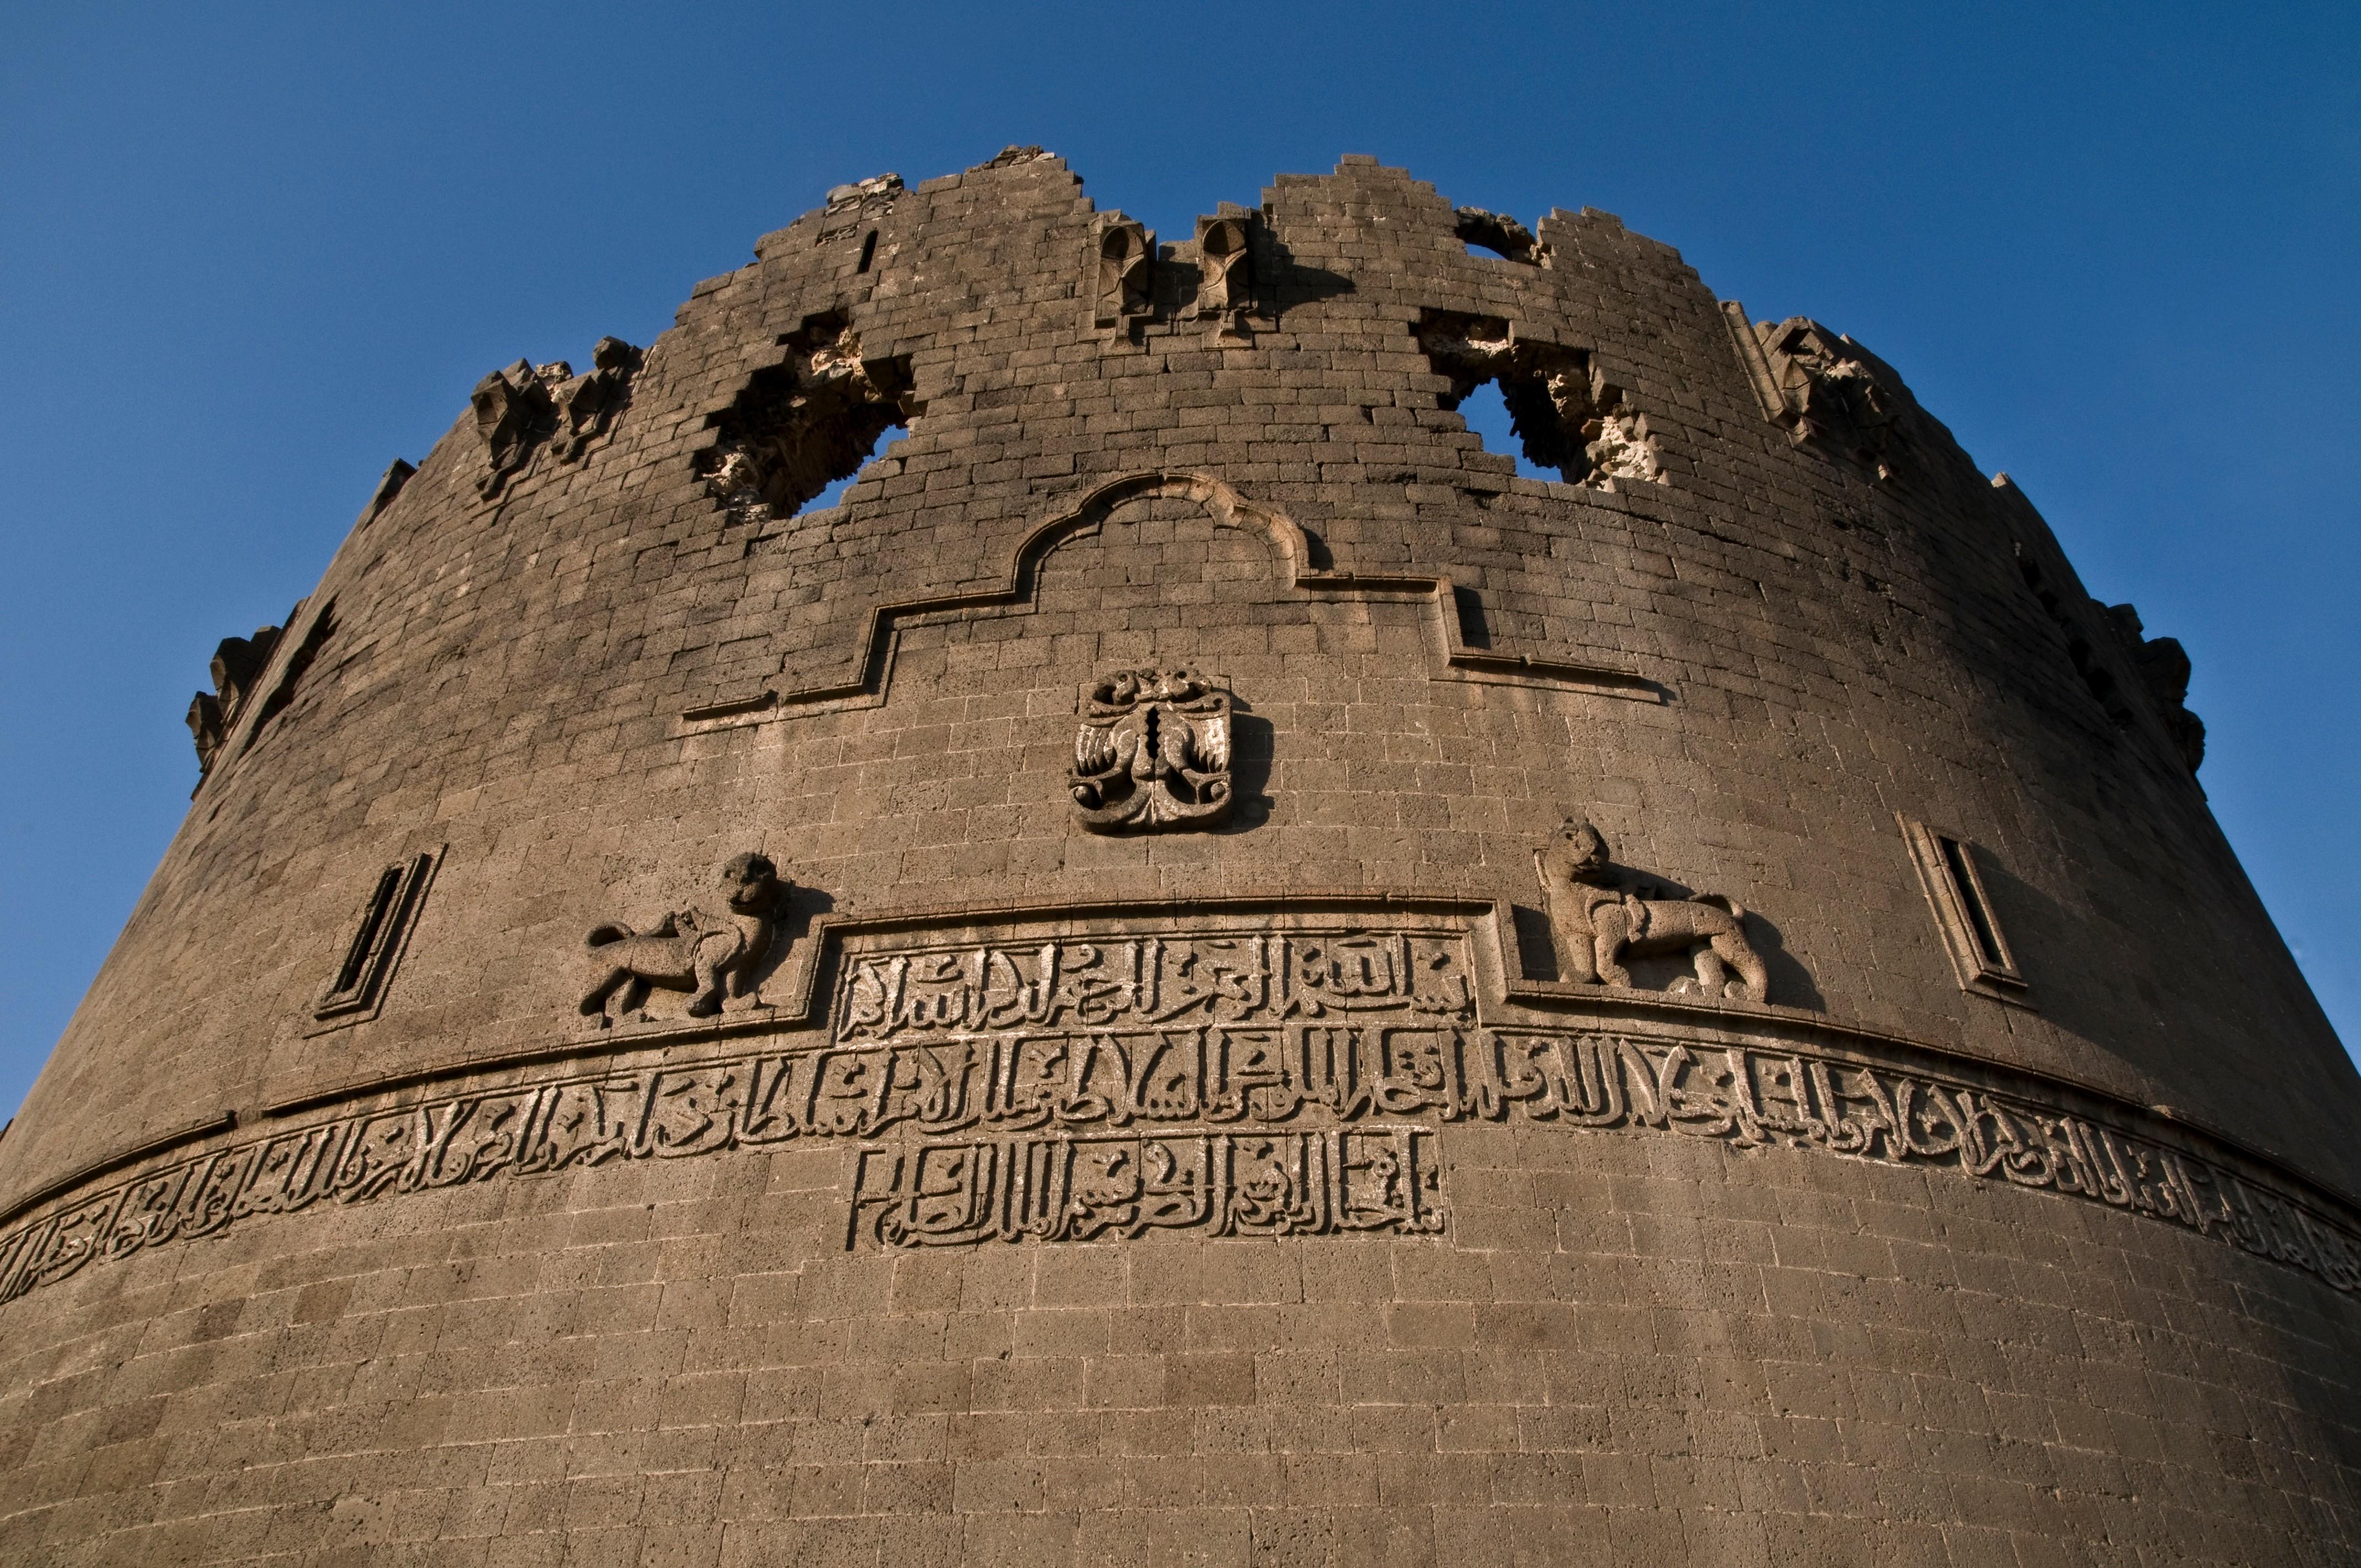 Yedi Kardes Tower